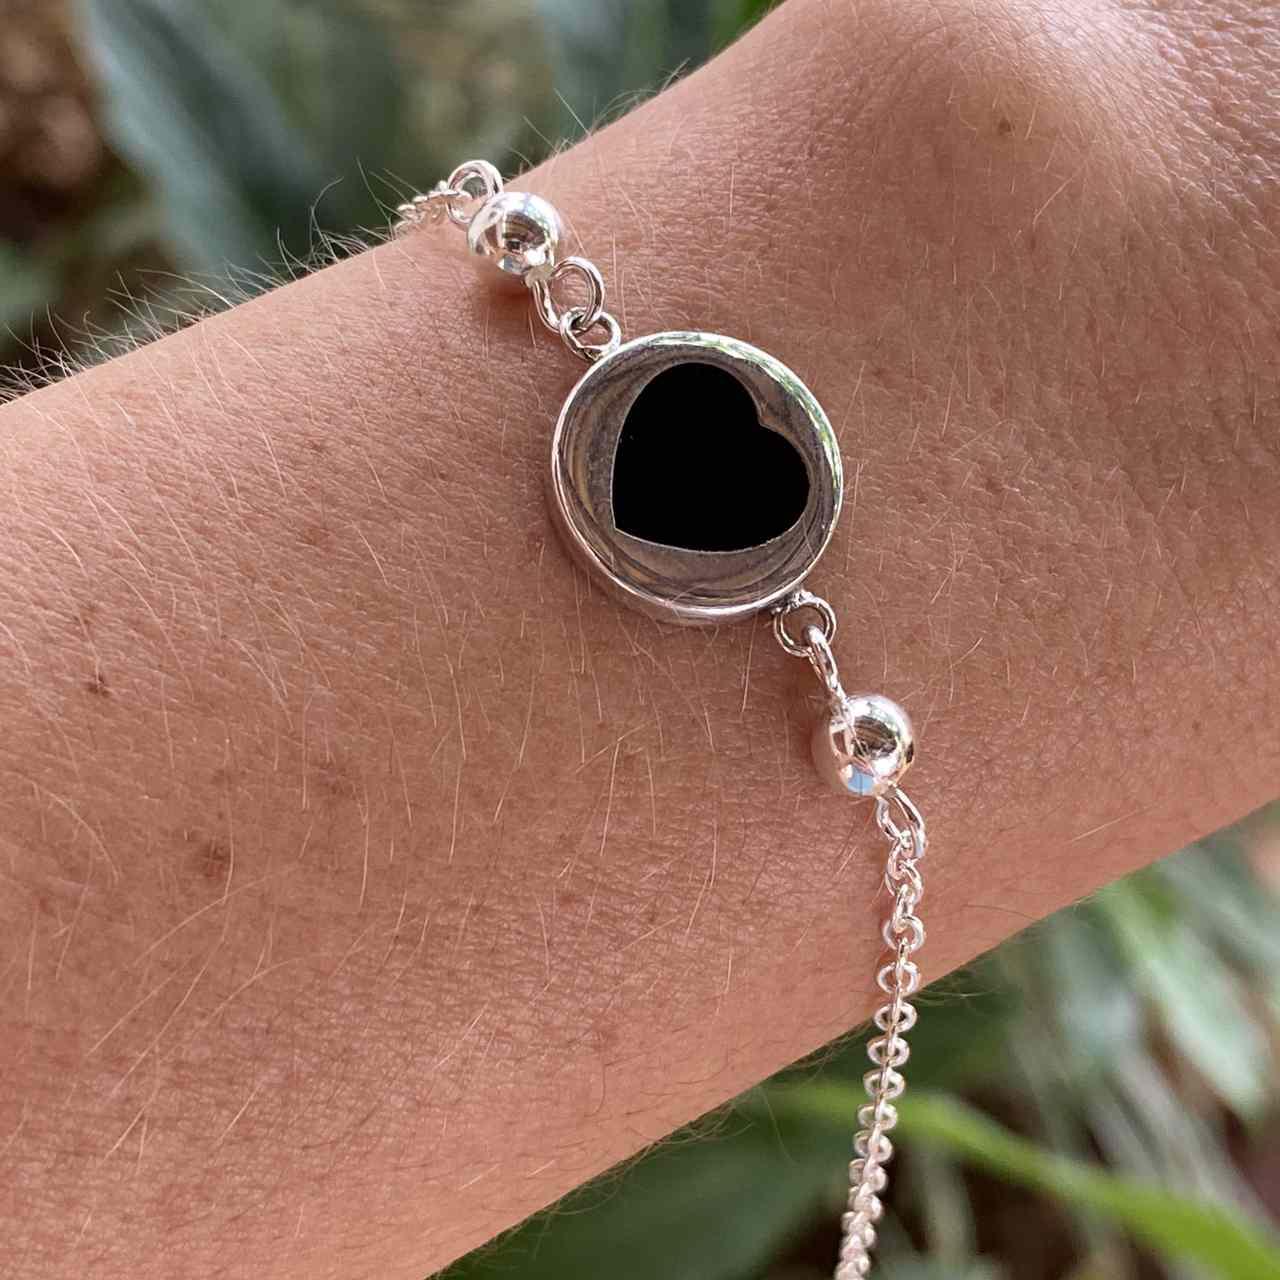 Pulseira de Prata 925 Bolinha Detalhes Coração Ônix 20cm